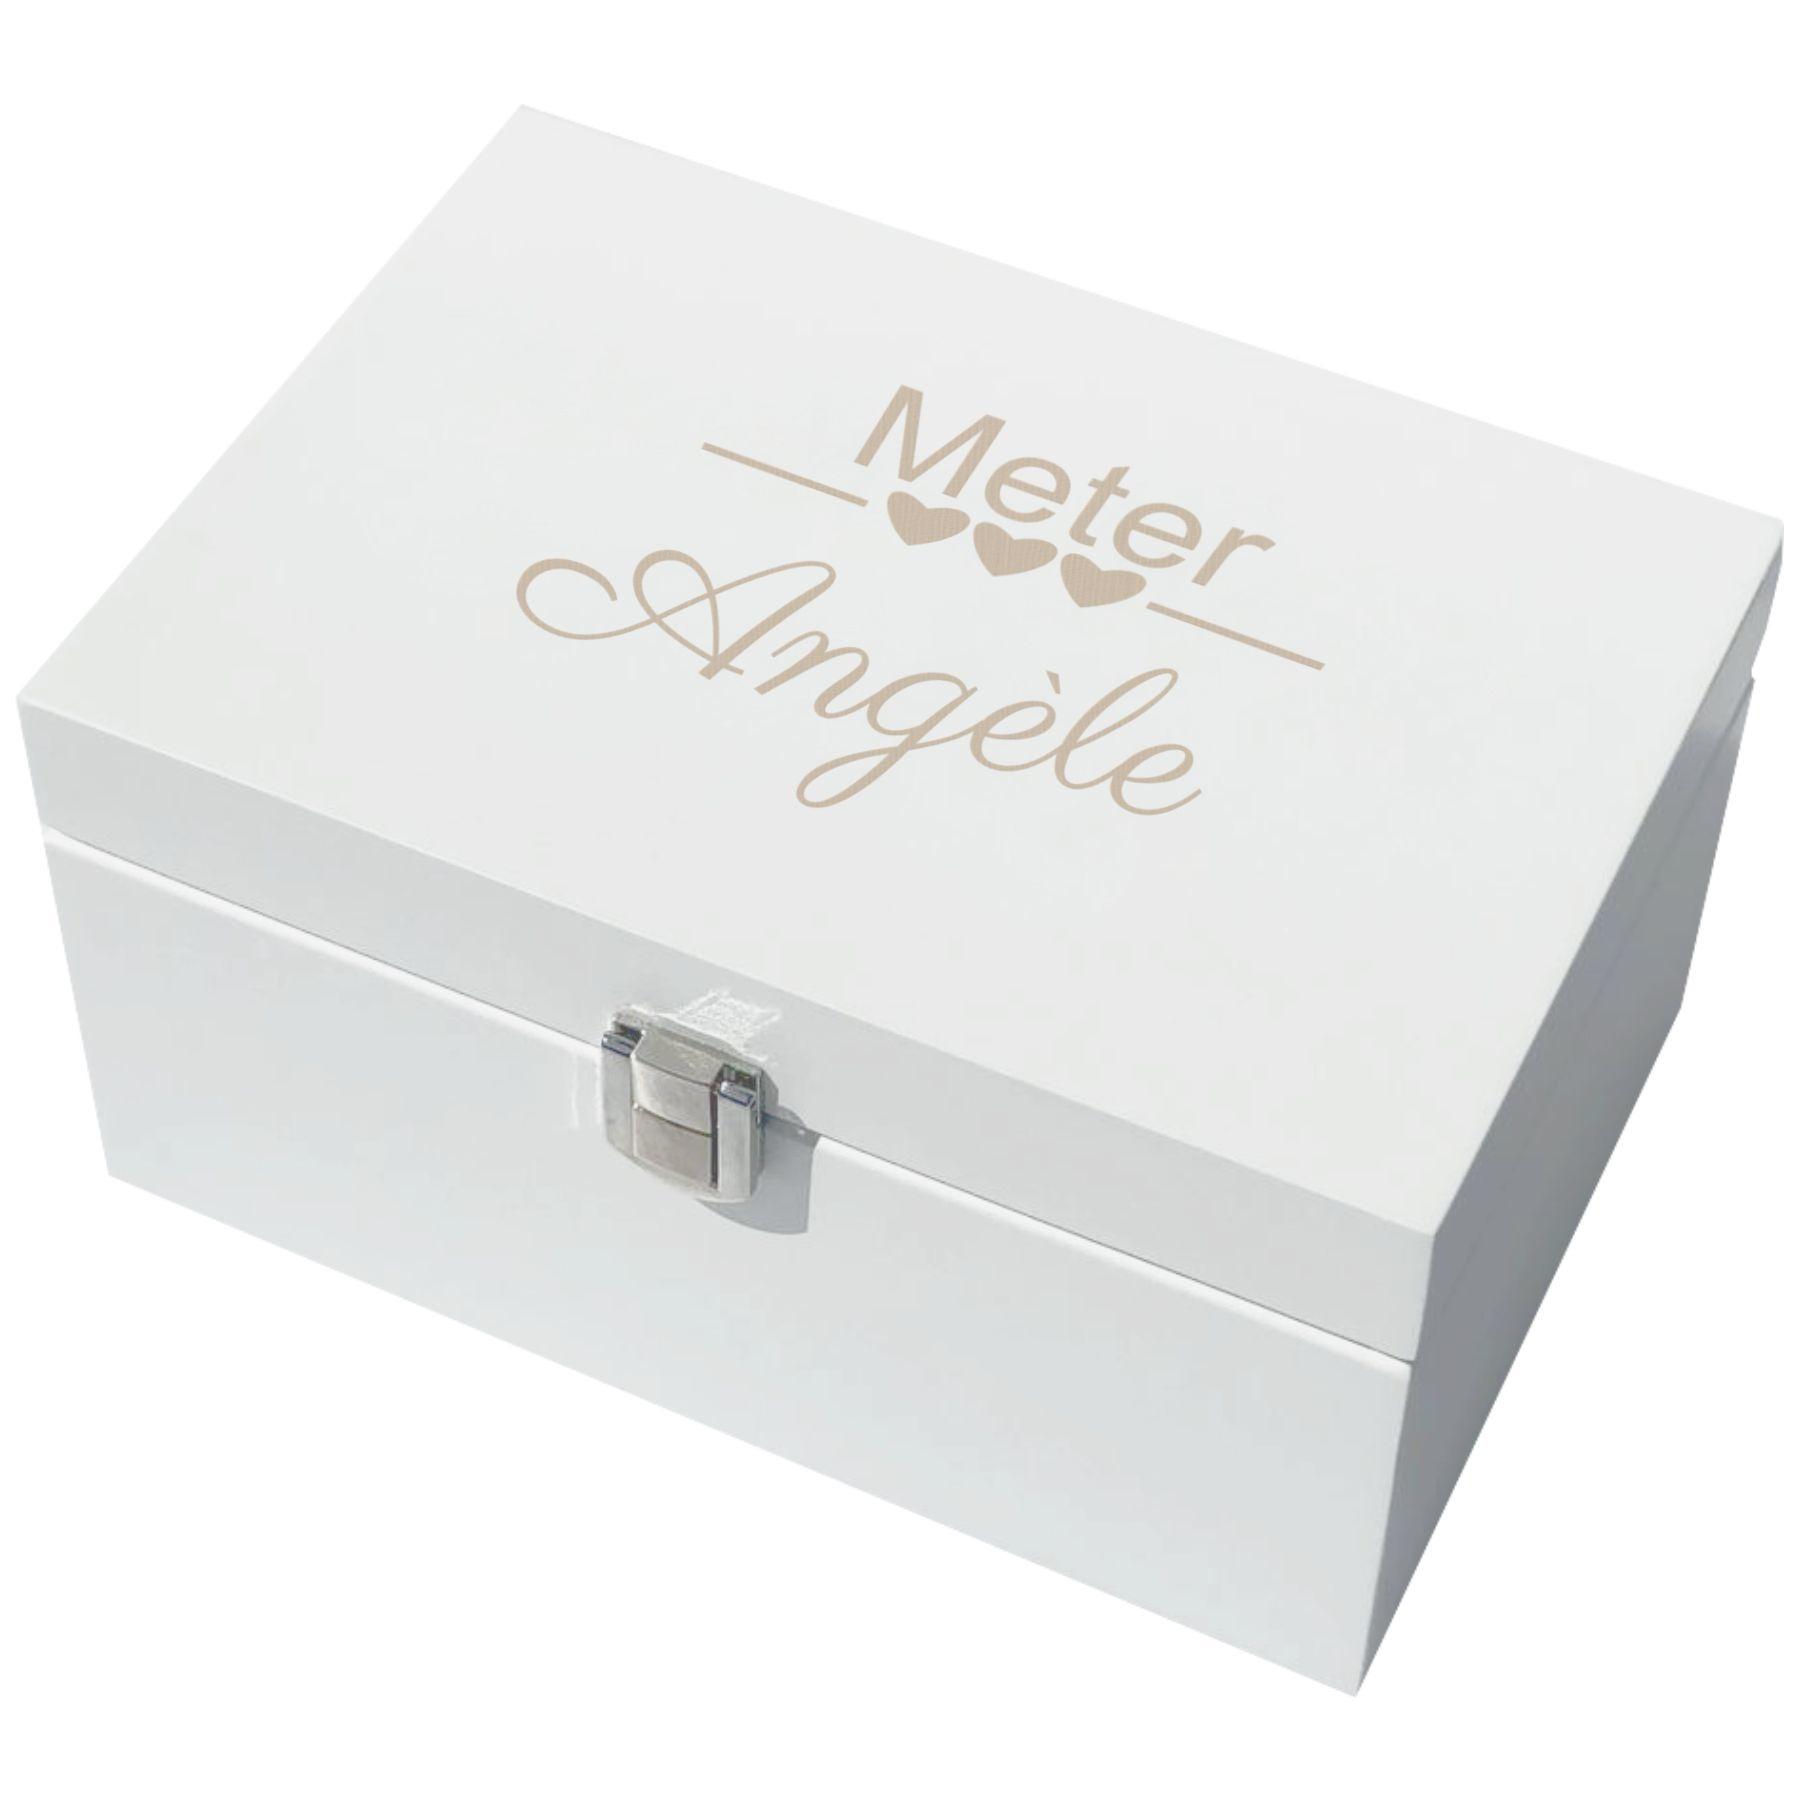 Coffret à bijoux en bois laqué blanc personnalisé avec votre nom